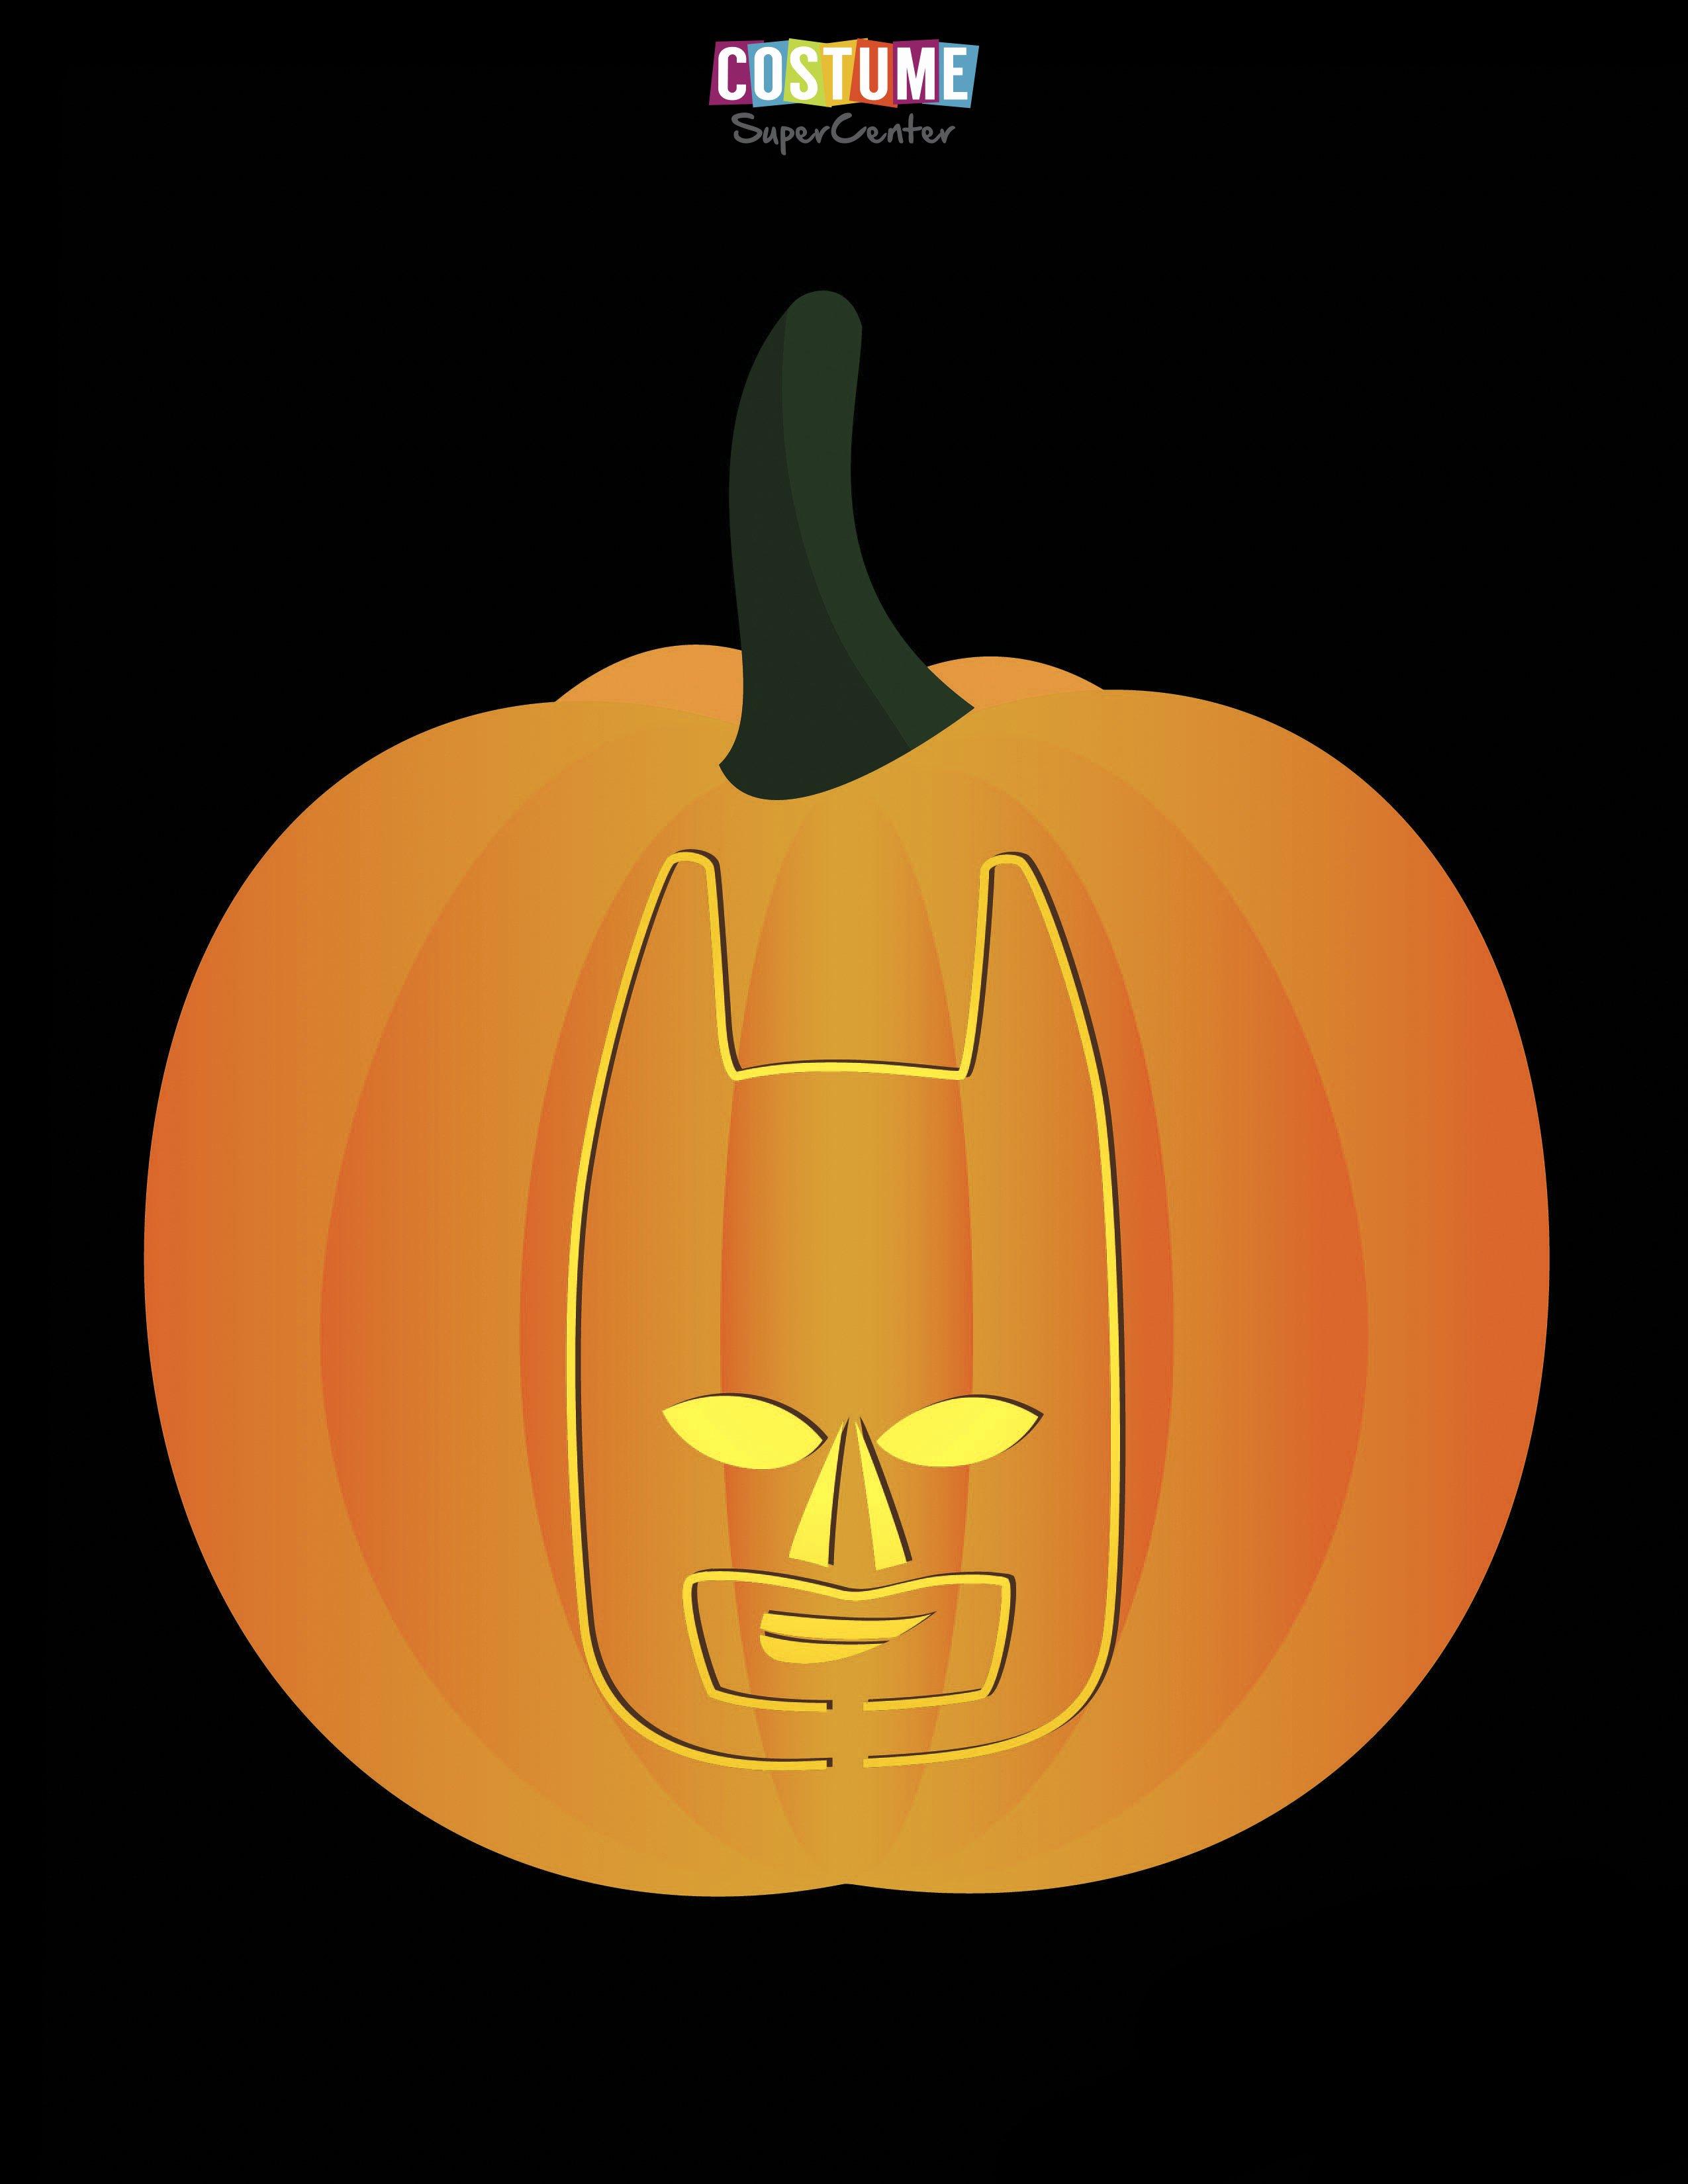 Free Batman Pumpkin Stencil Fresh Fun and Free Printable themed Pumpkin Carving Stencils